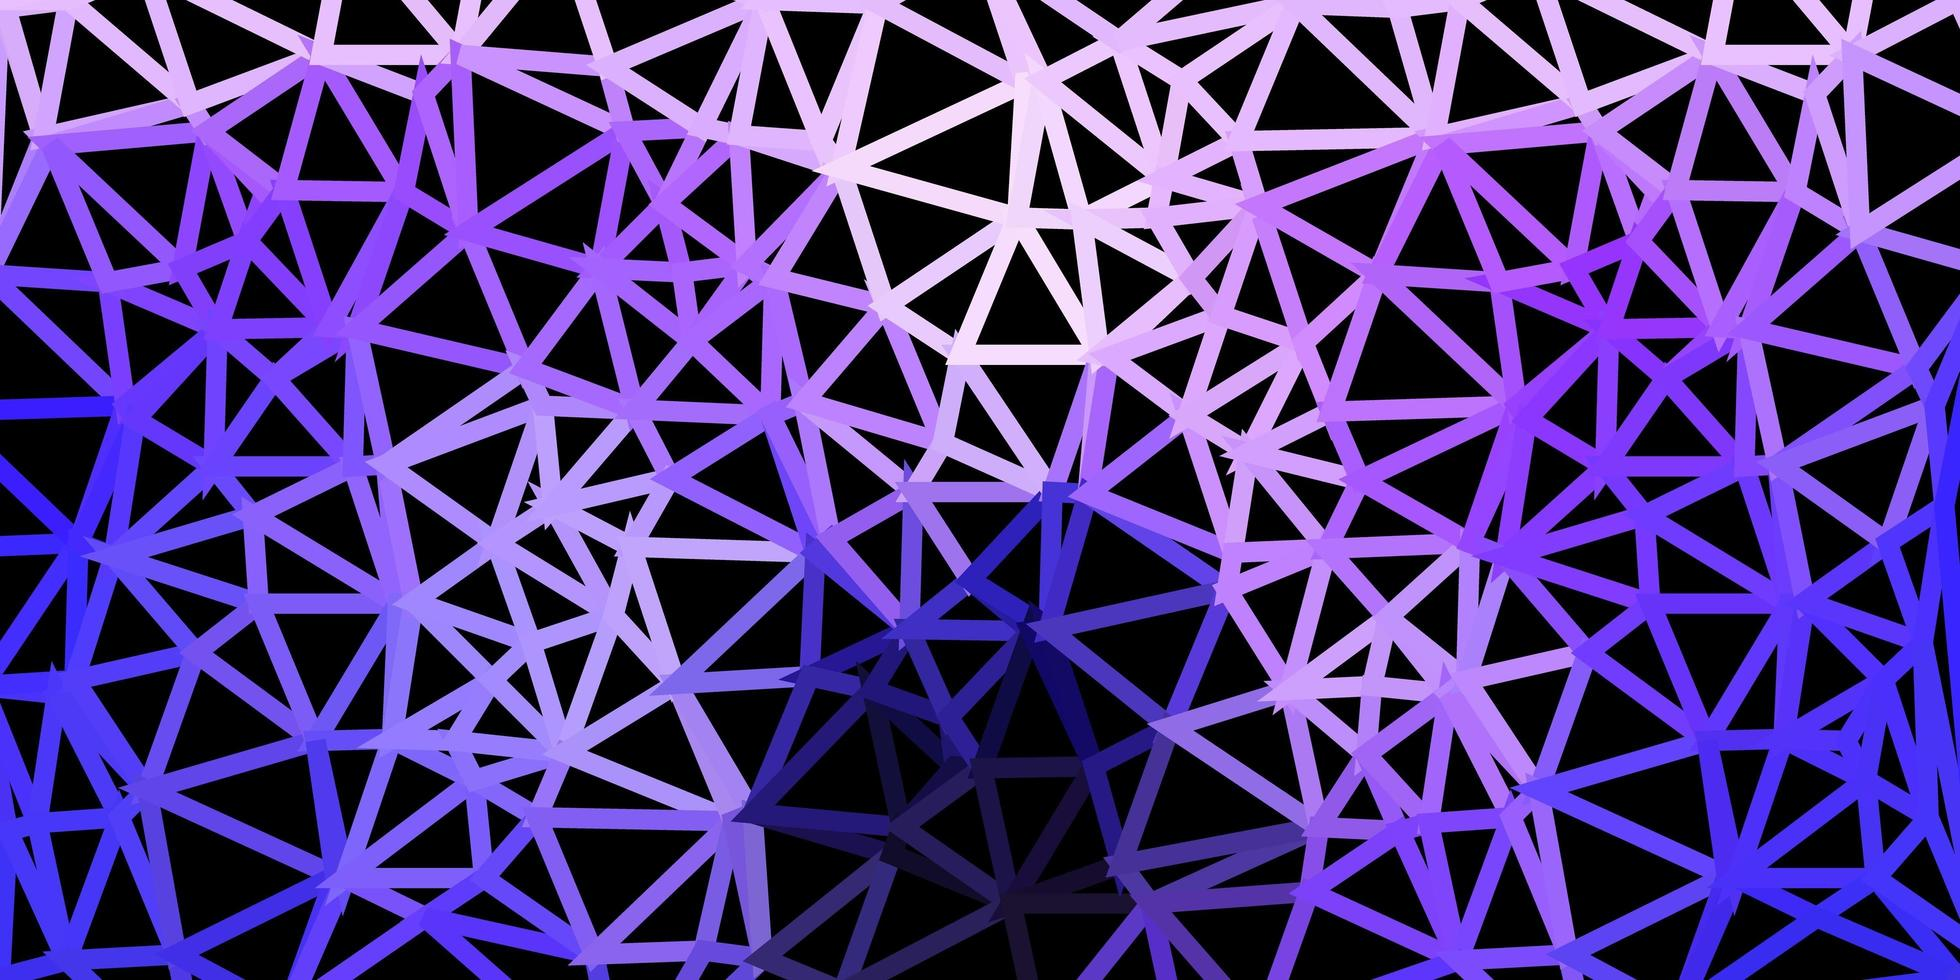 telón de fondo poligonal vector púrpura claro.